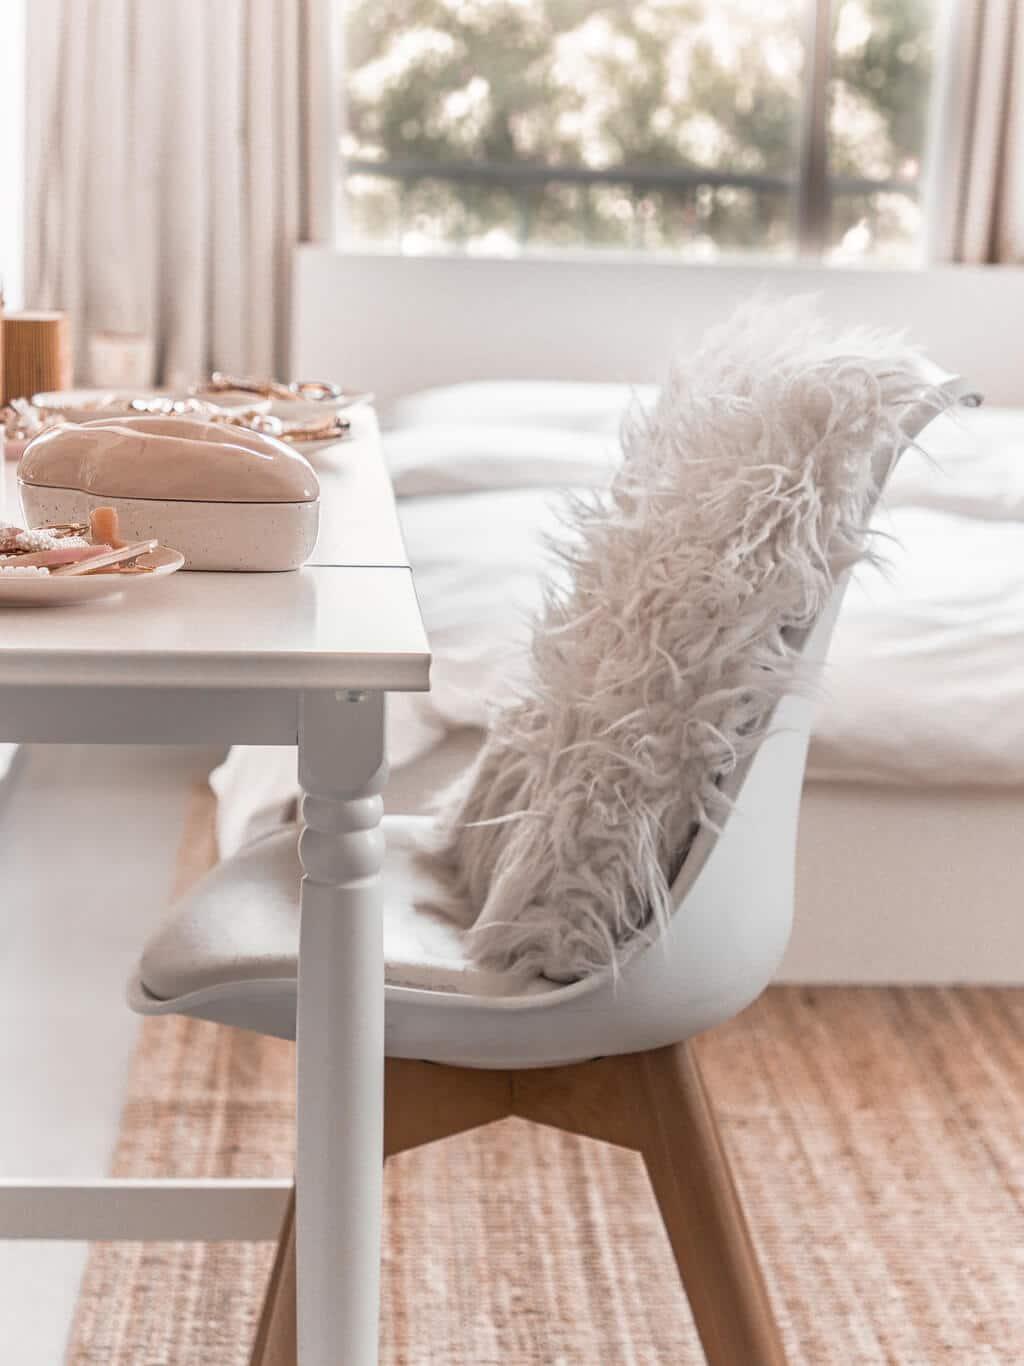 סיור בחדר השינה שלי - עיצוב אקלקטי סקנדינבי, ג׳ונגל אורבני | Hedonistit bedroom tour - eclectic nordic urban jungle home styling